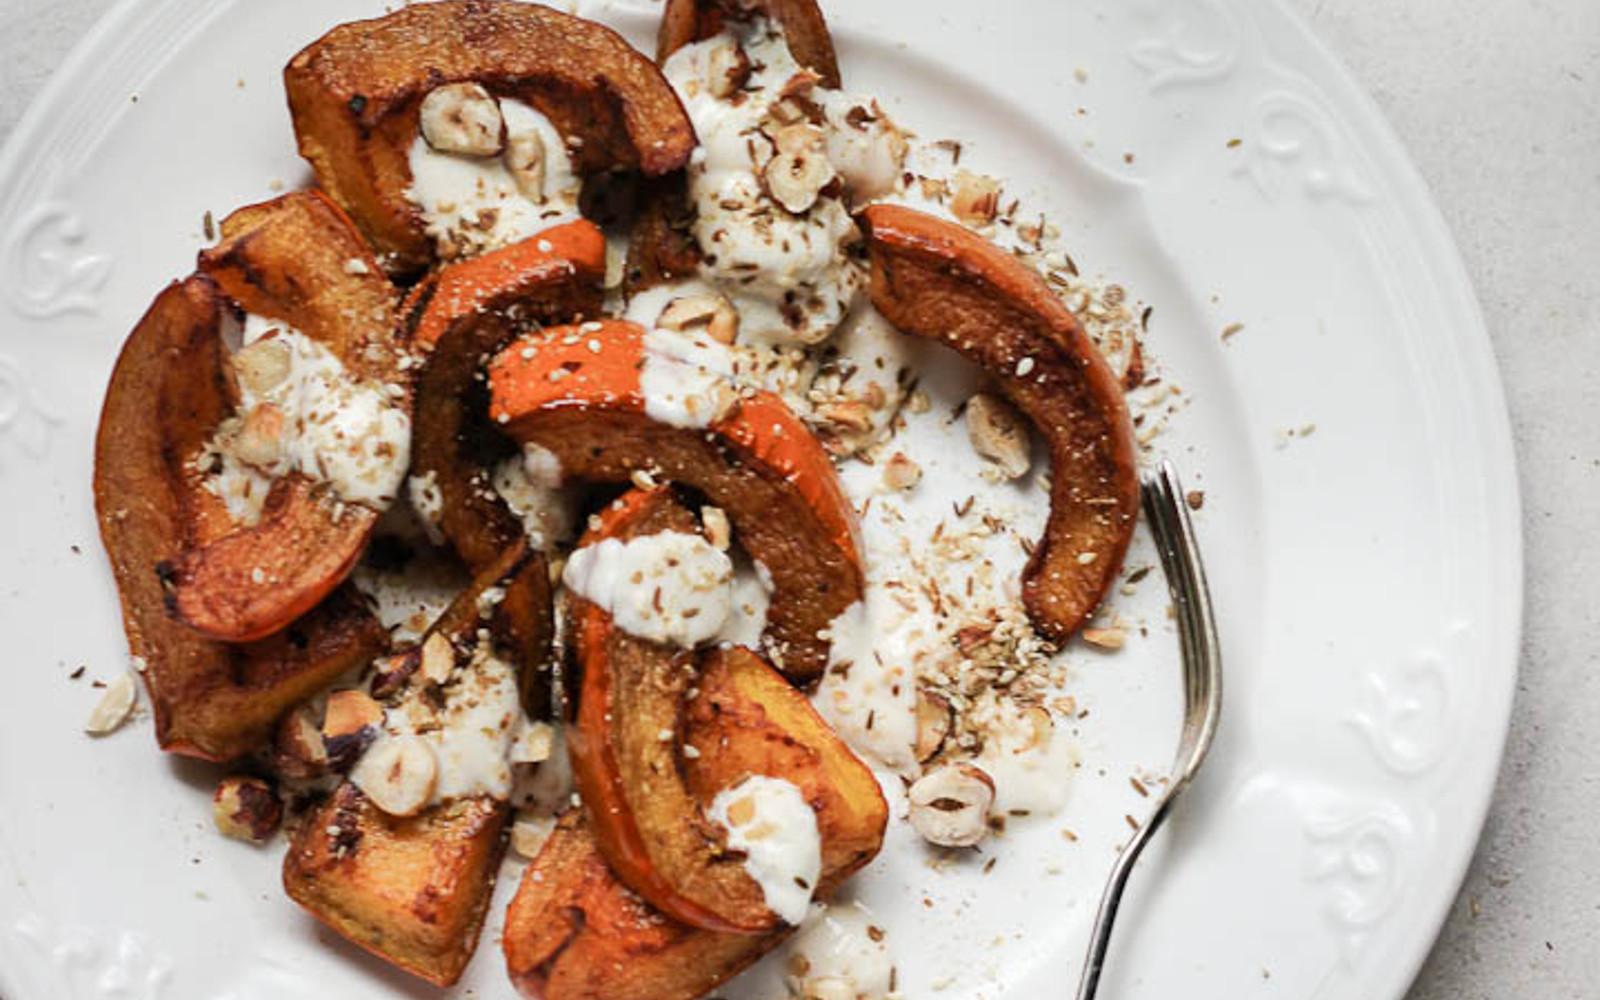 Cinnamon Roasted Pumpkin With Tahini Yogurt and Hazelnut Dukkah